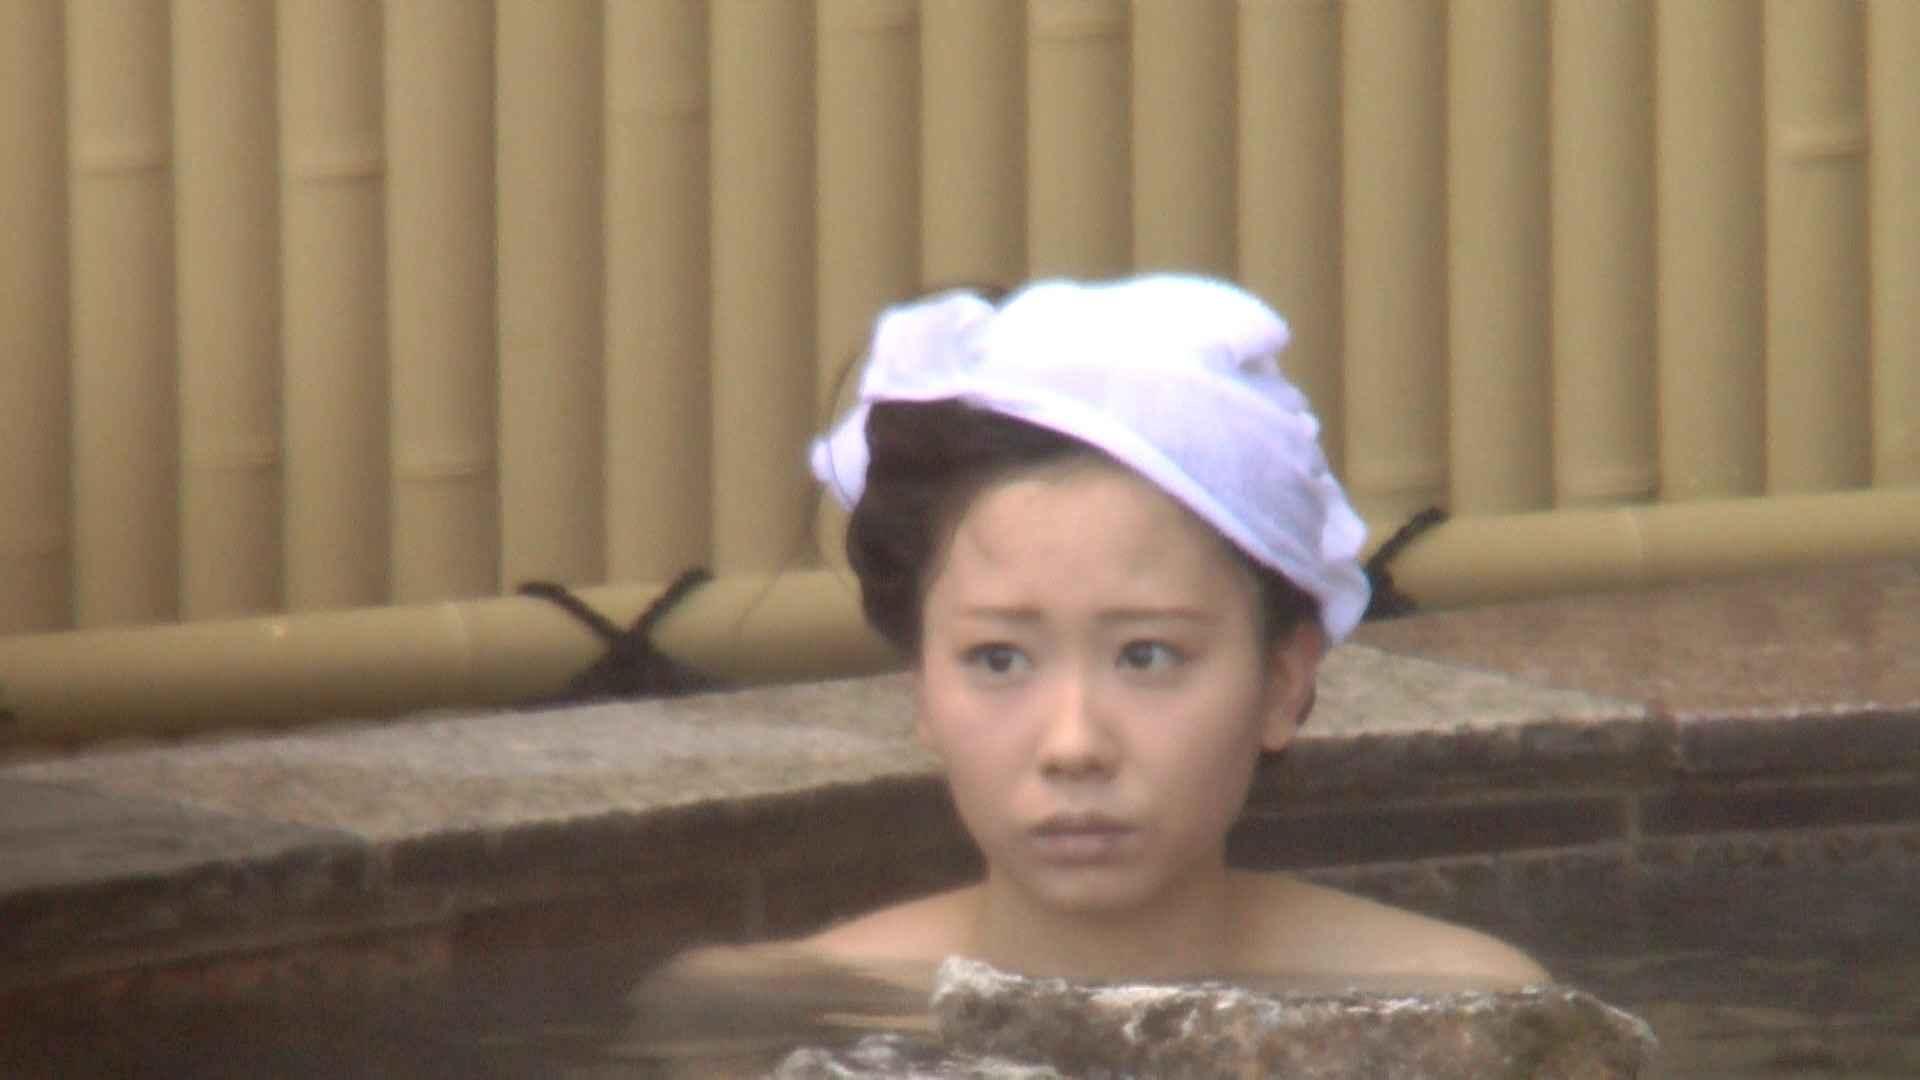 Aquaな露天風呂Vol.211 OLのエロ生活  91連発 9